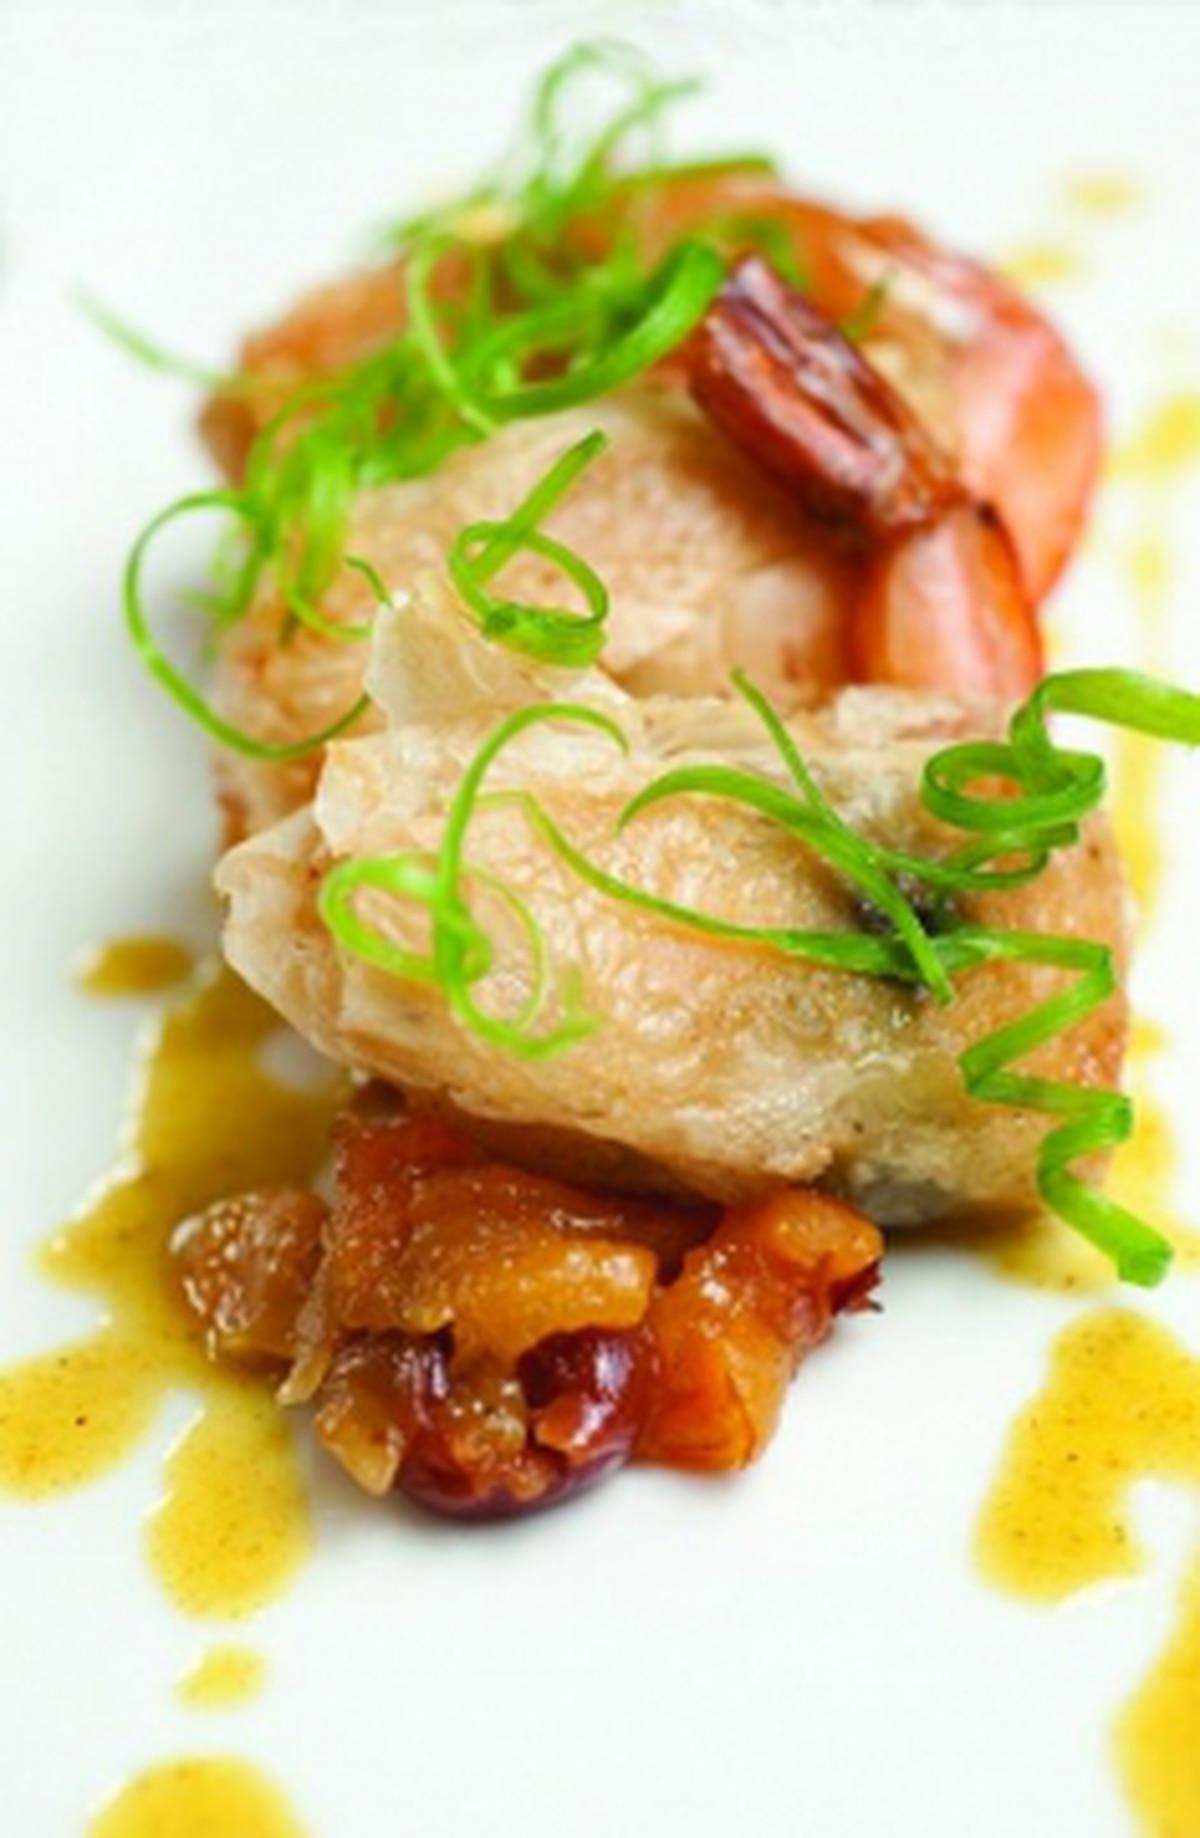 Basil-wrapped shrimp Photo: Joy Godfrey